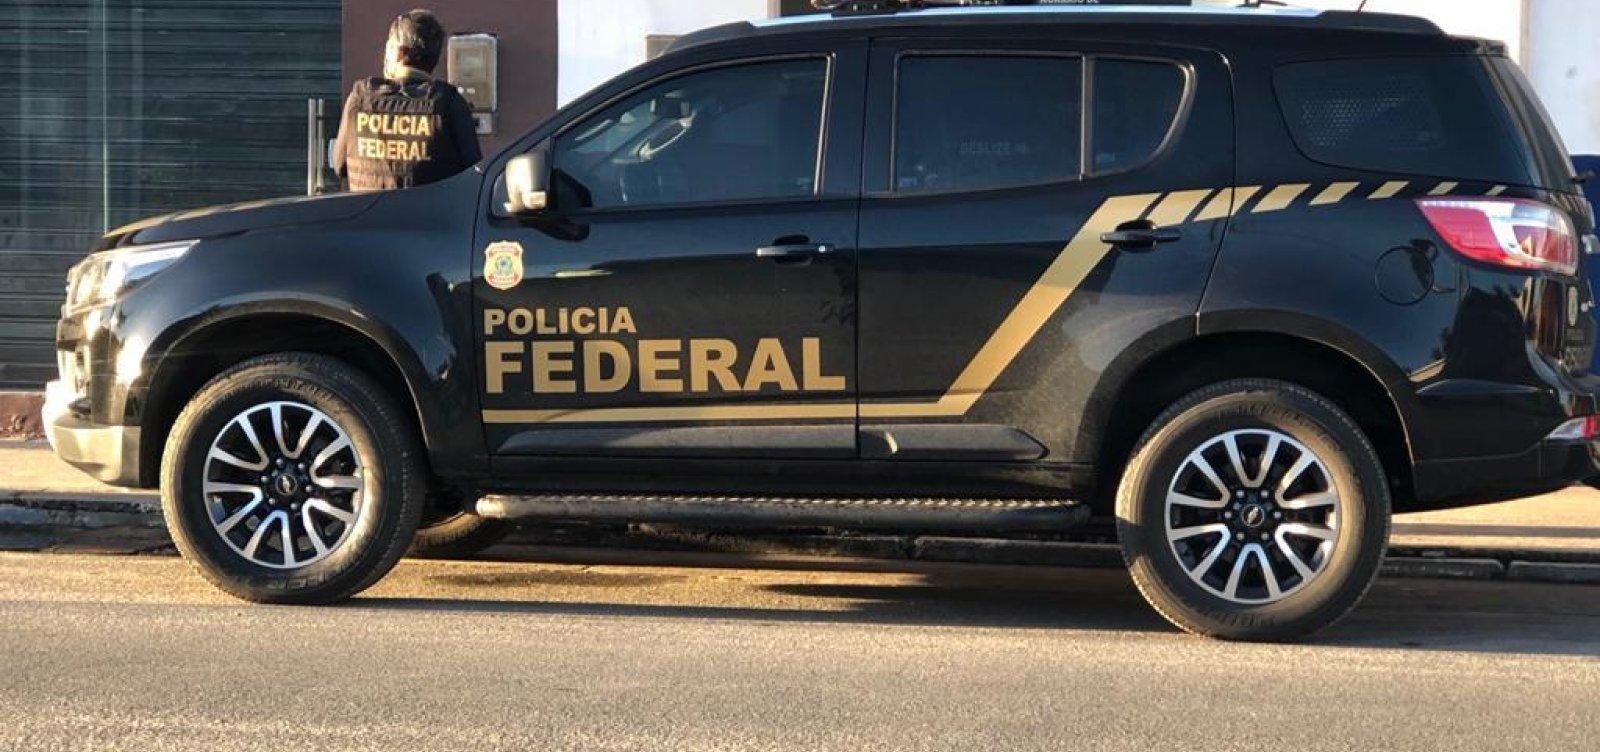 Operação da PF de combate à pornografia infantil prende um homem em Jacobina